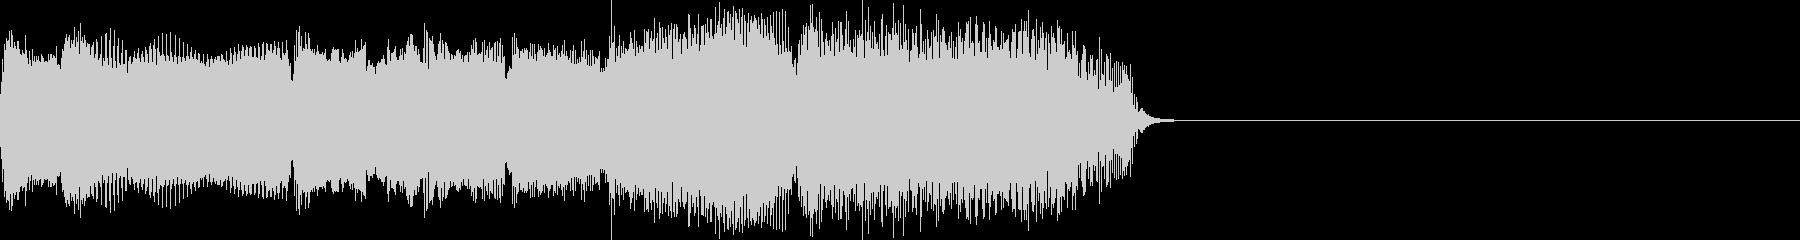 ブルースギターのワンフレーズの未再生の波形